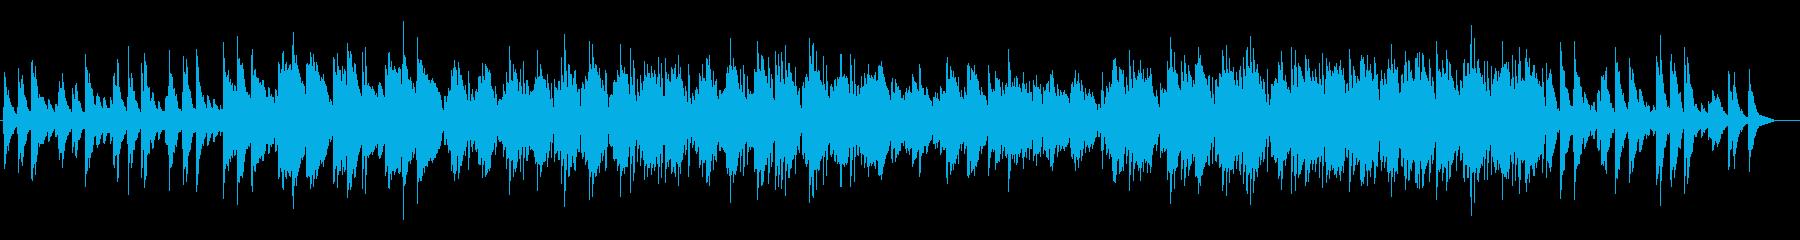 穏やかなピアノサウンドの再生済みの波形